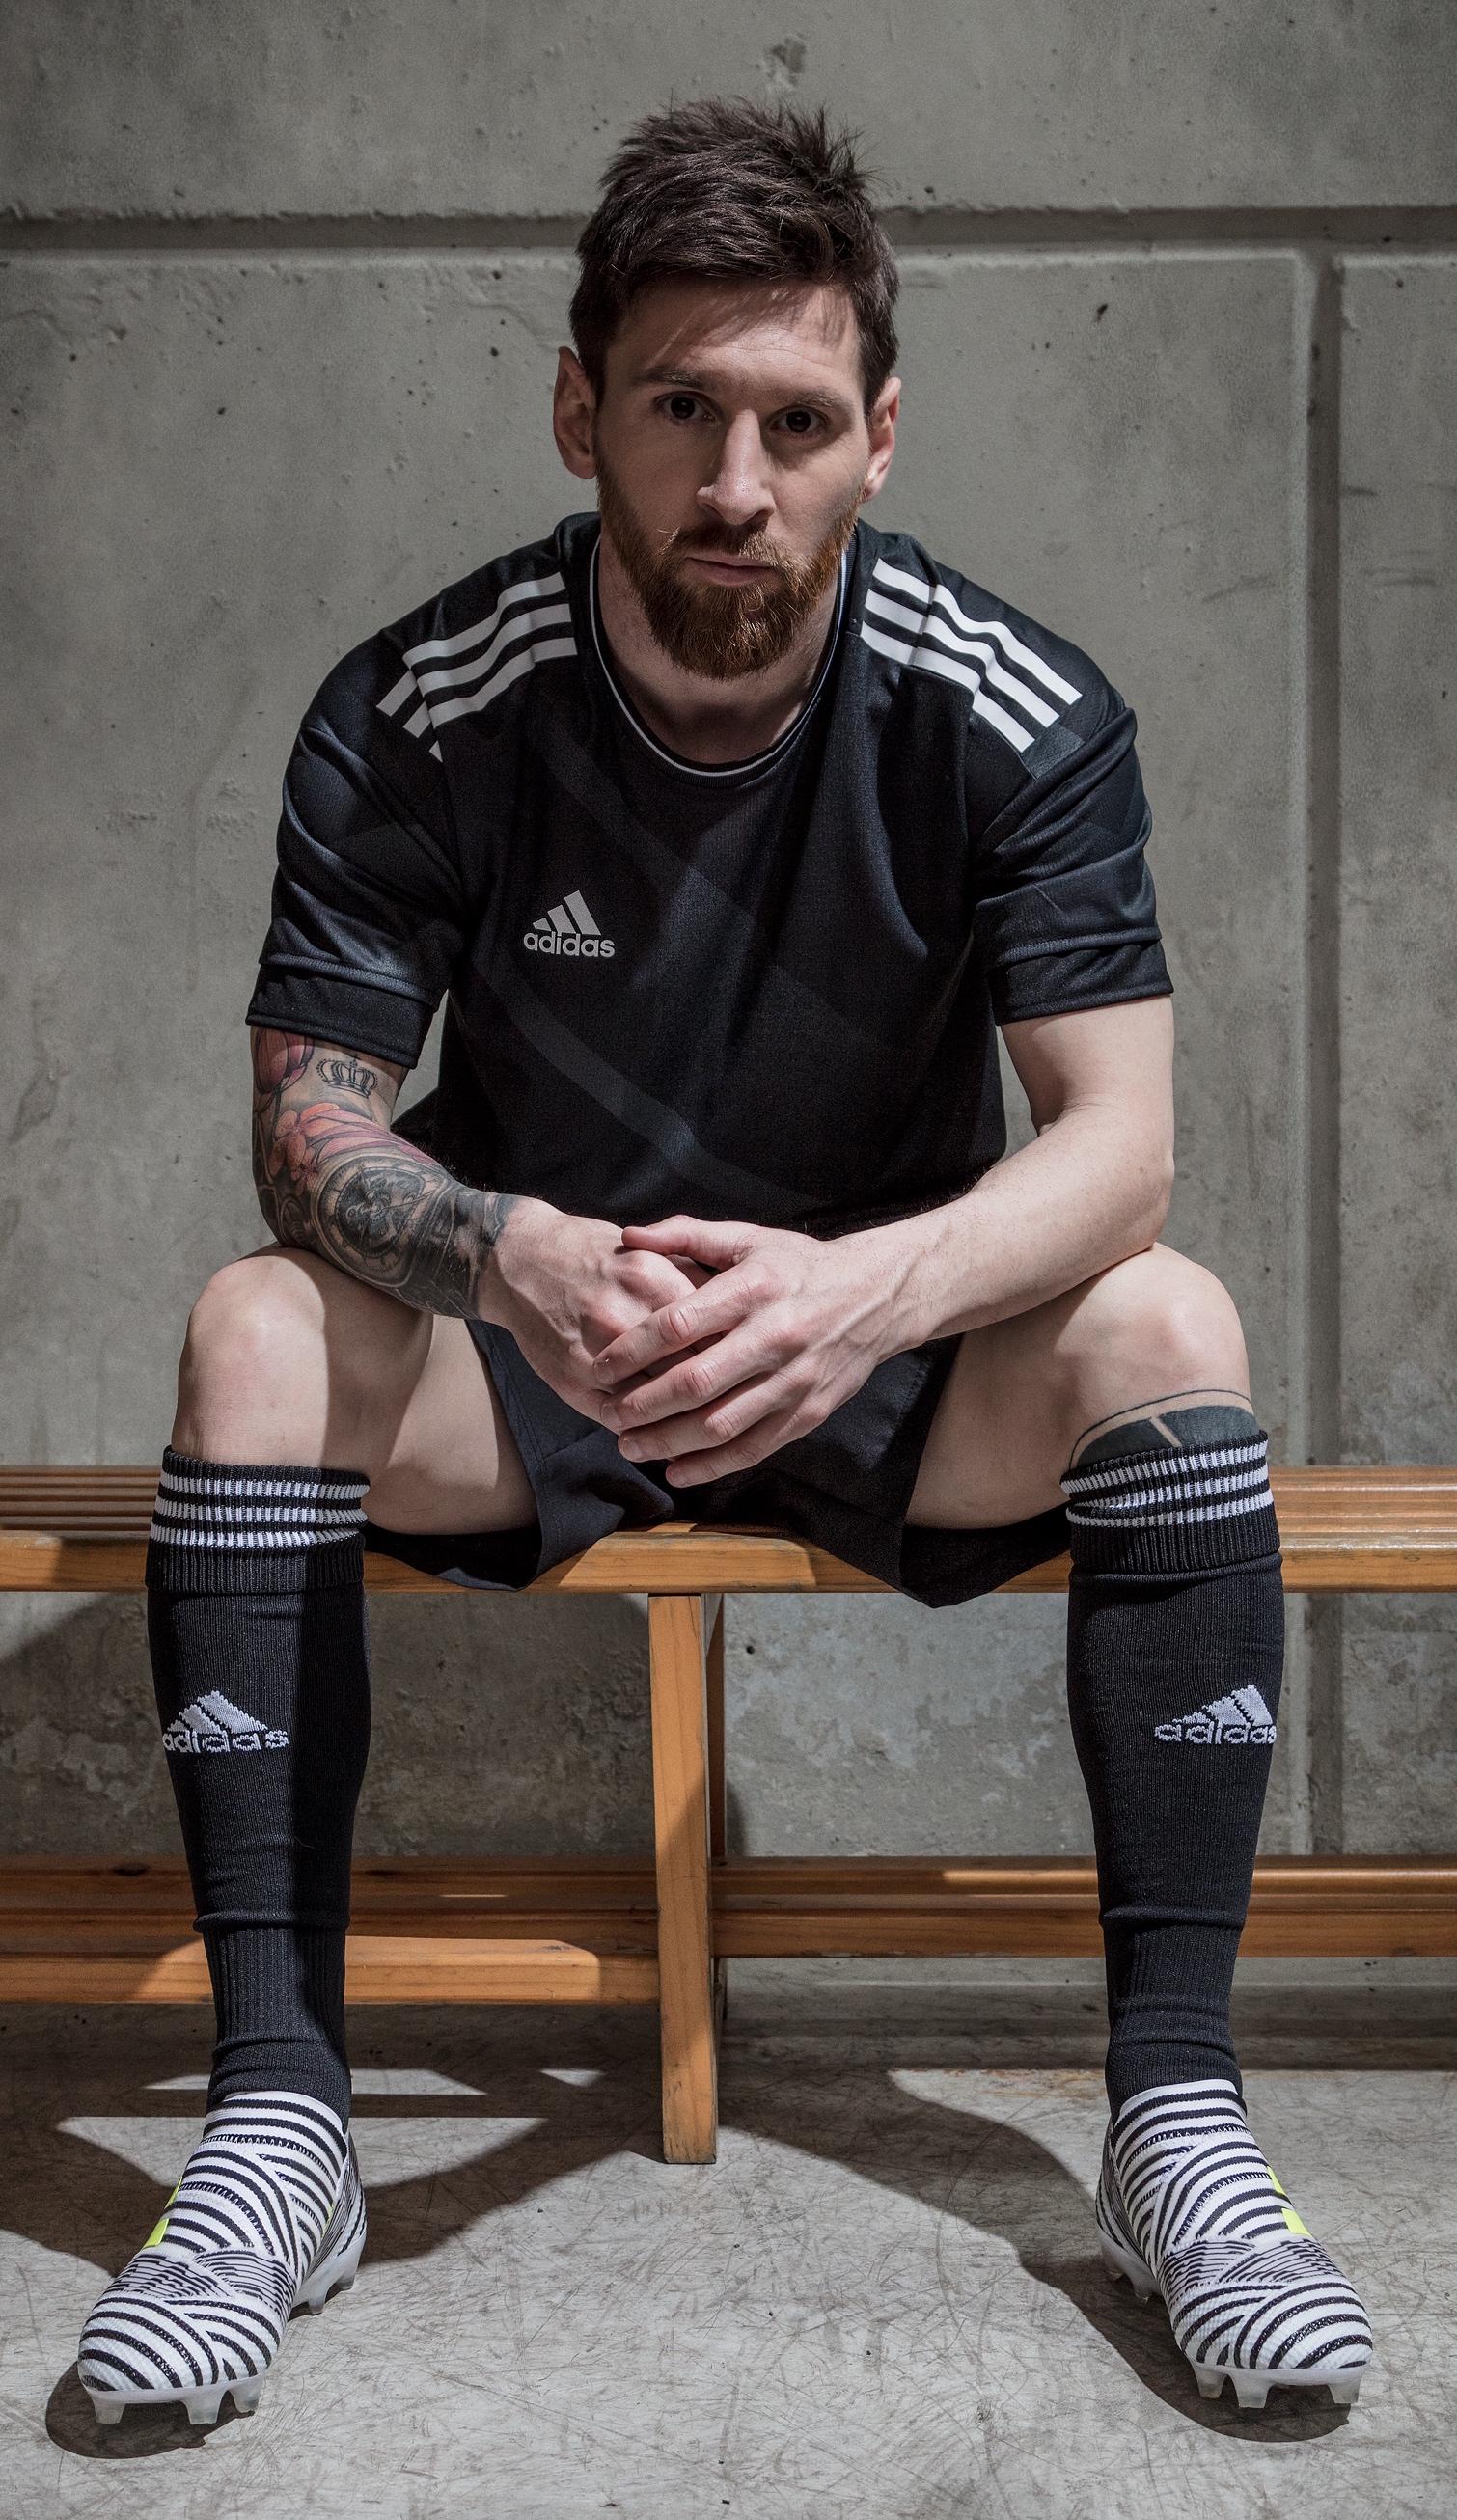 Seminario nettamente Calpestare  adidas Launches Nemeziz Soccer Cleat for Stars Leo Messi, Renato Sanches,  and Roberto Firmino - WearTesters